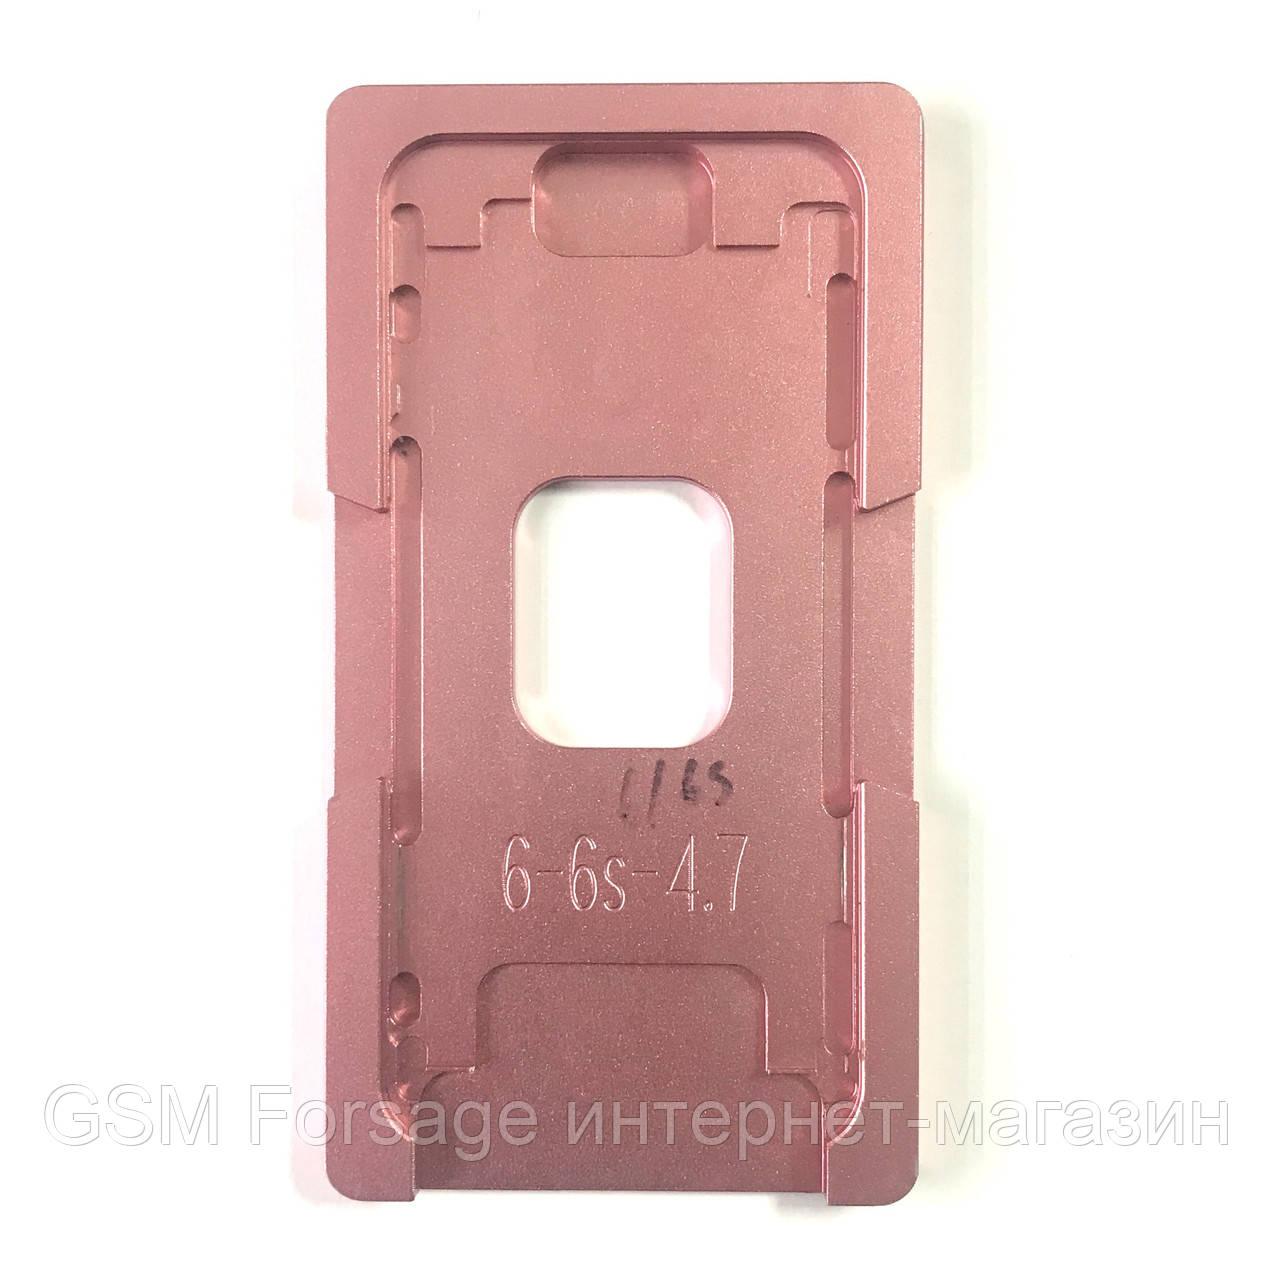 Фиксатор дисплейного модуля при склейке c стеклом + рамкой iPhone 6 / 6S